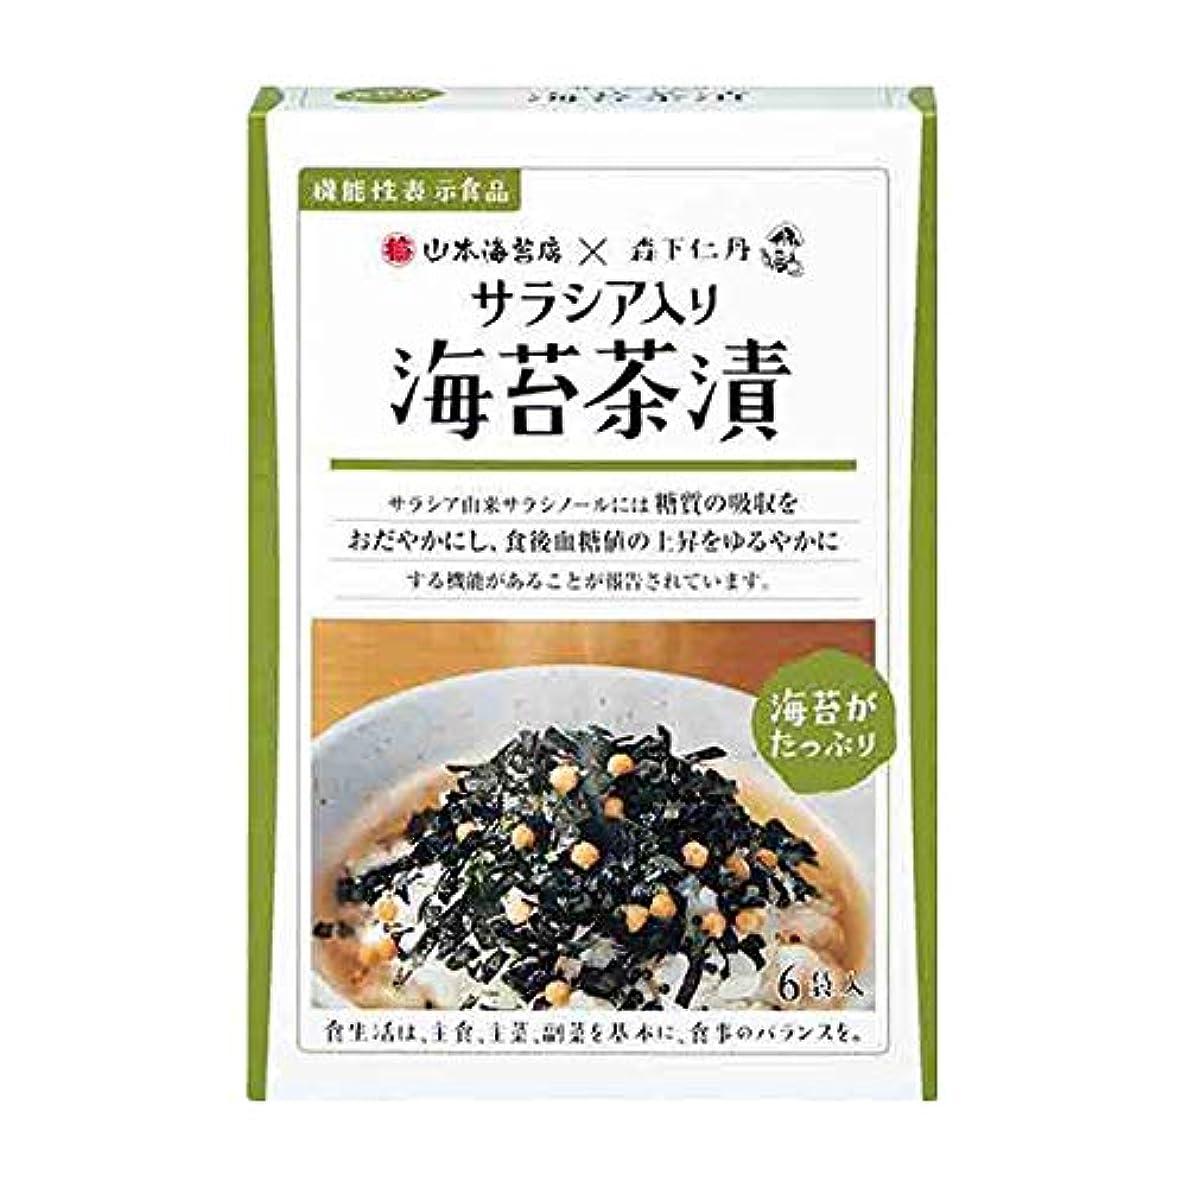 してはいけませんシェアゲートウェイ森下仁丹 海苔茶漬 サラシア入り (6.2g×6袋) [機能性表示食品]